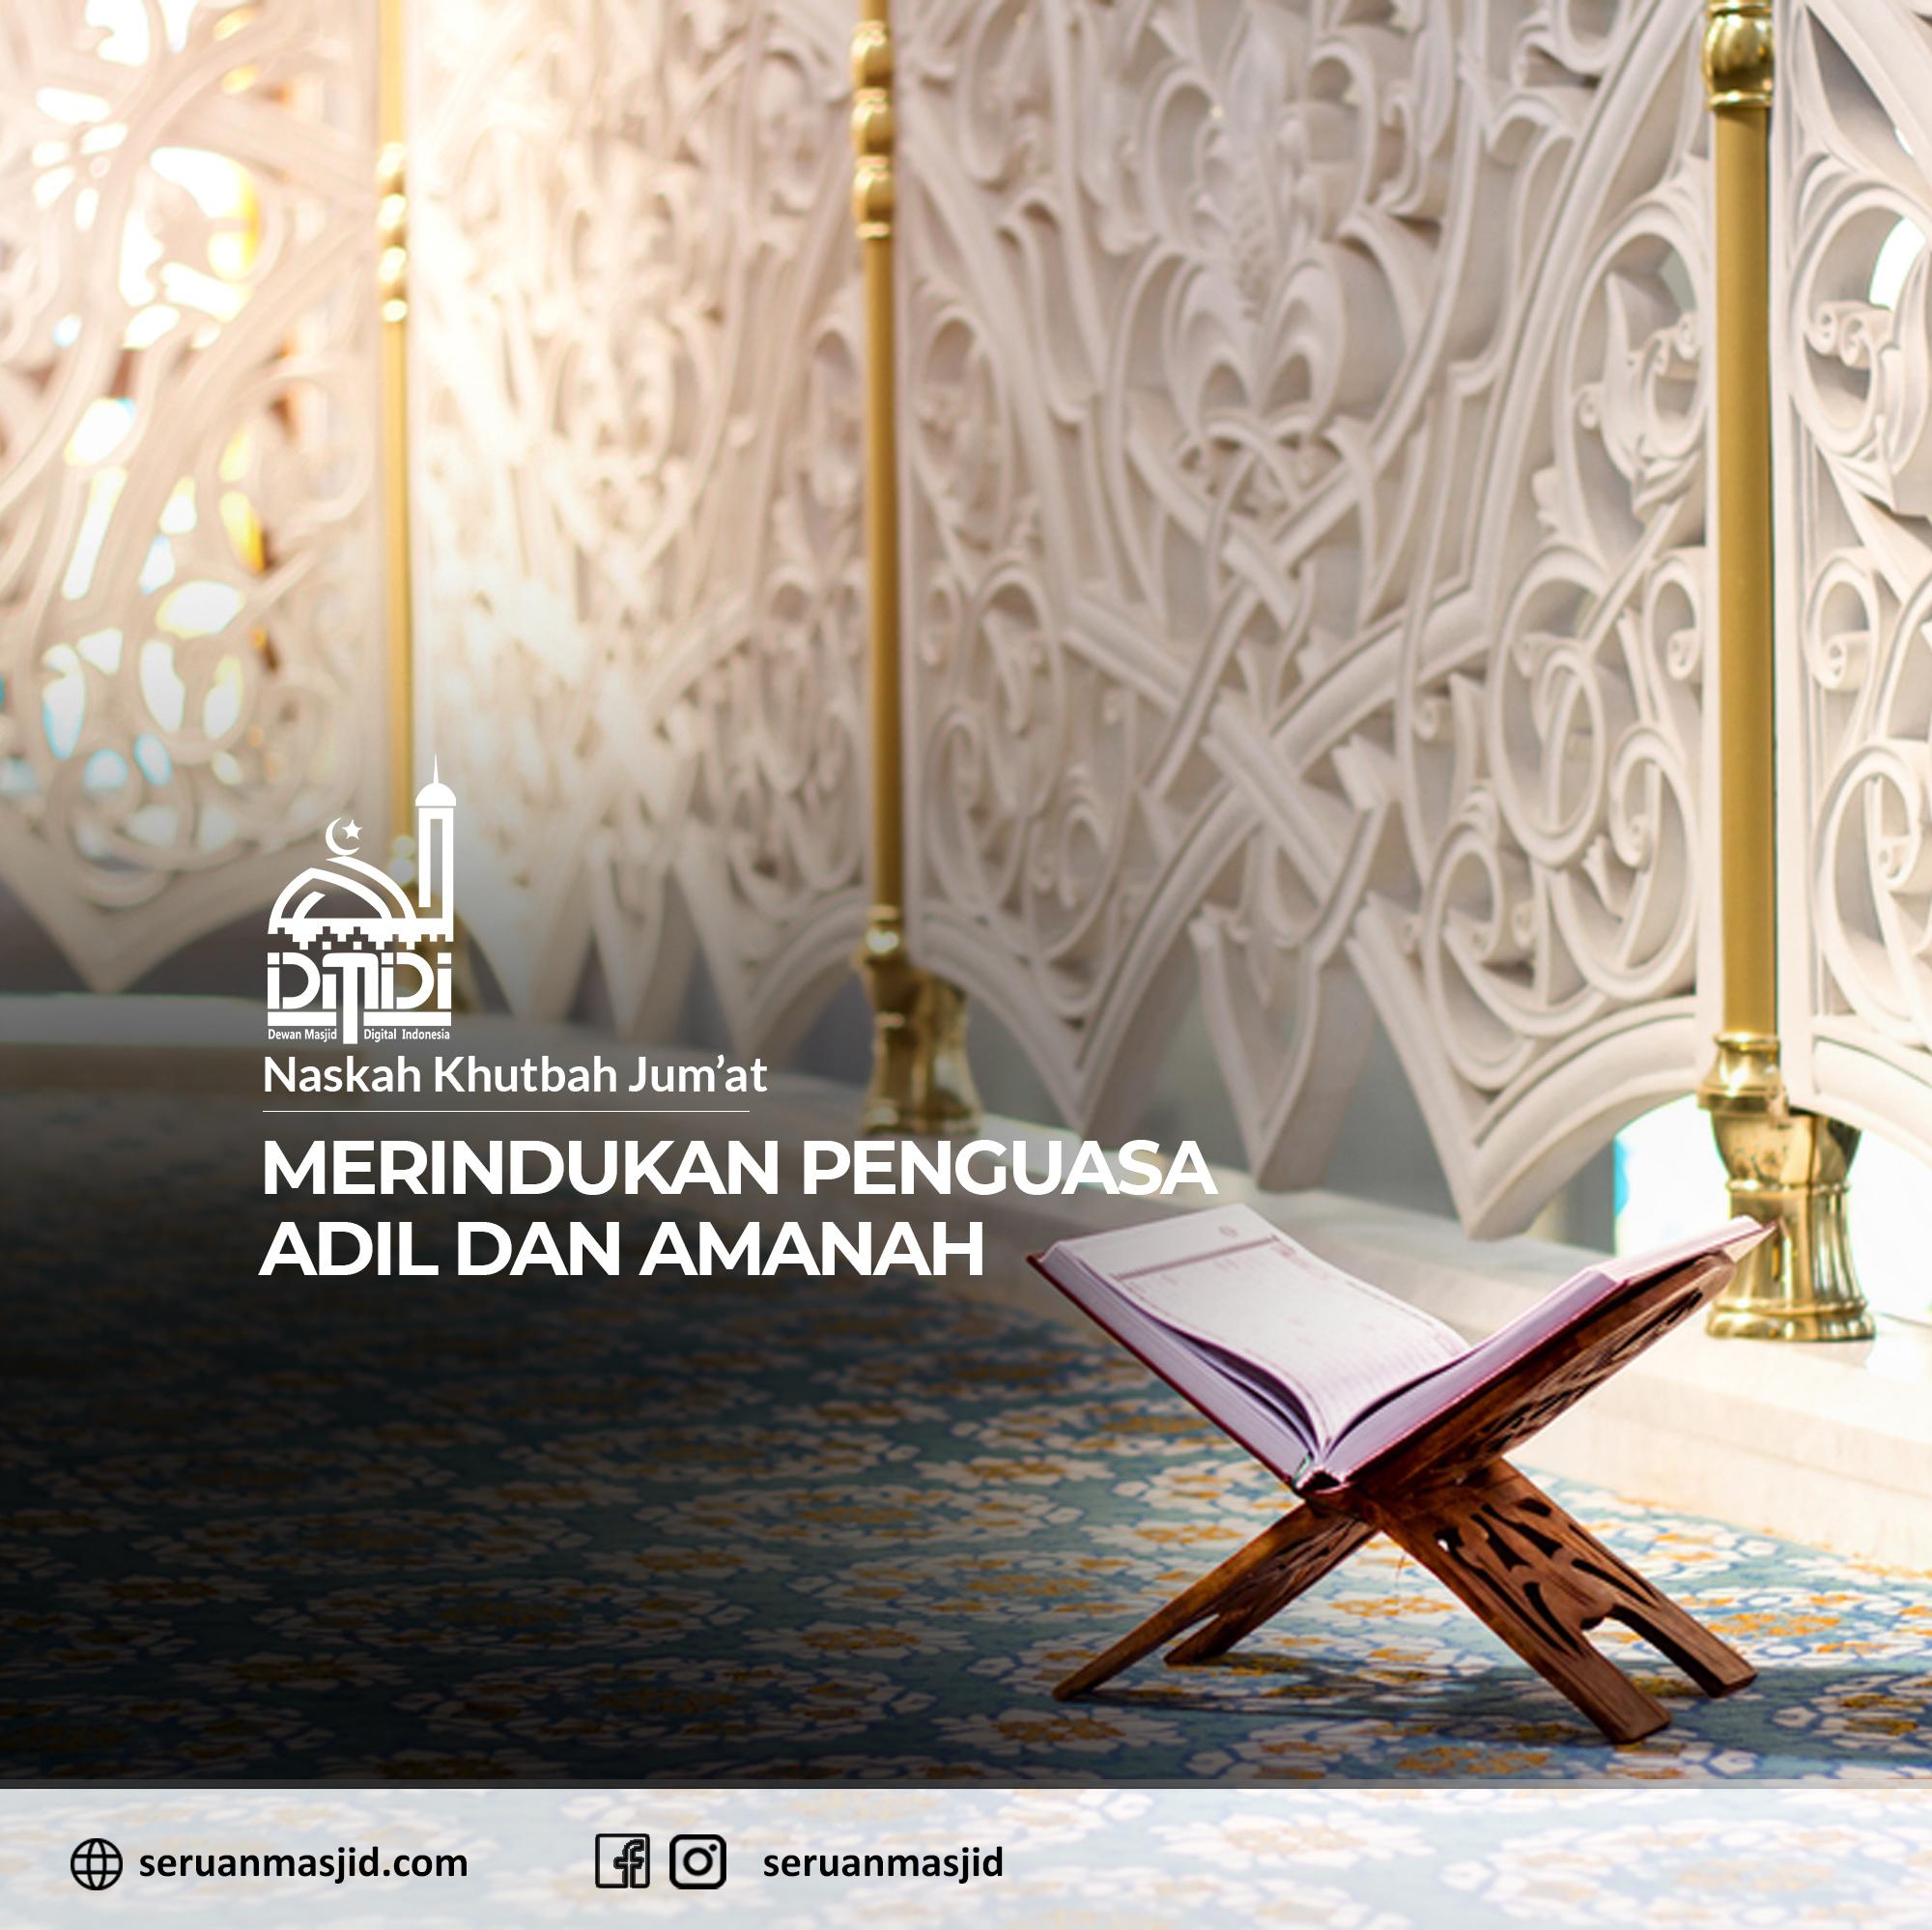 Naskah-Khutbah-Jumat-Merindukan-Penguasa-Adil-dan-Amanah-Dewan-Masjid-Digital-Indonesia-Seruan-Masjid